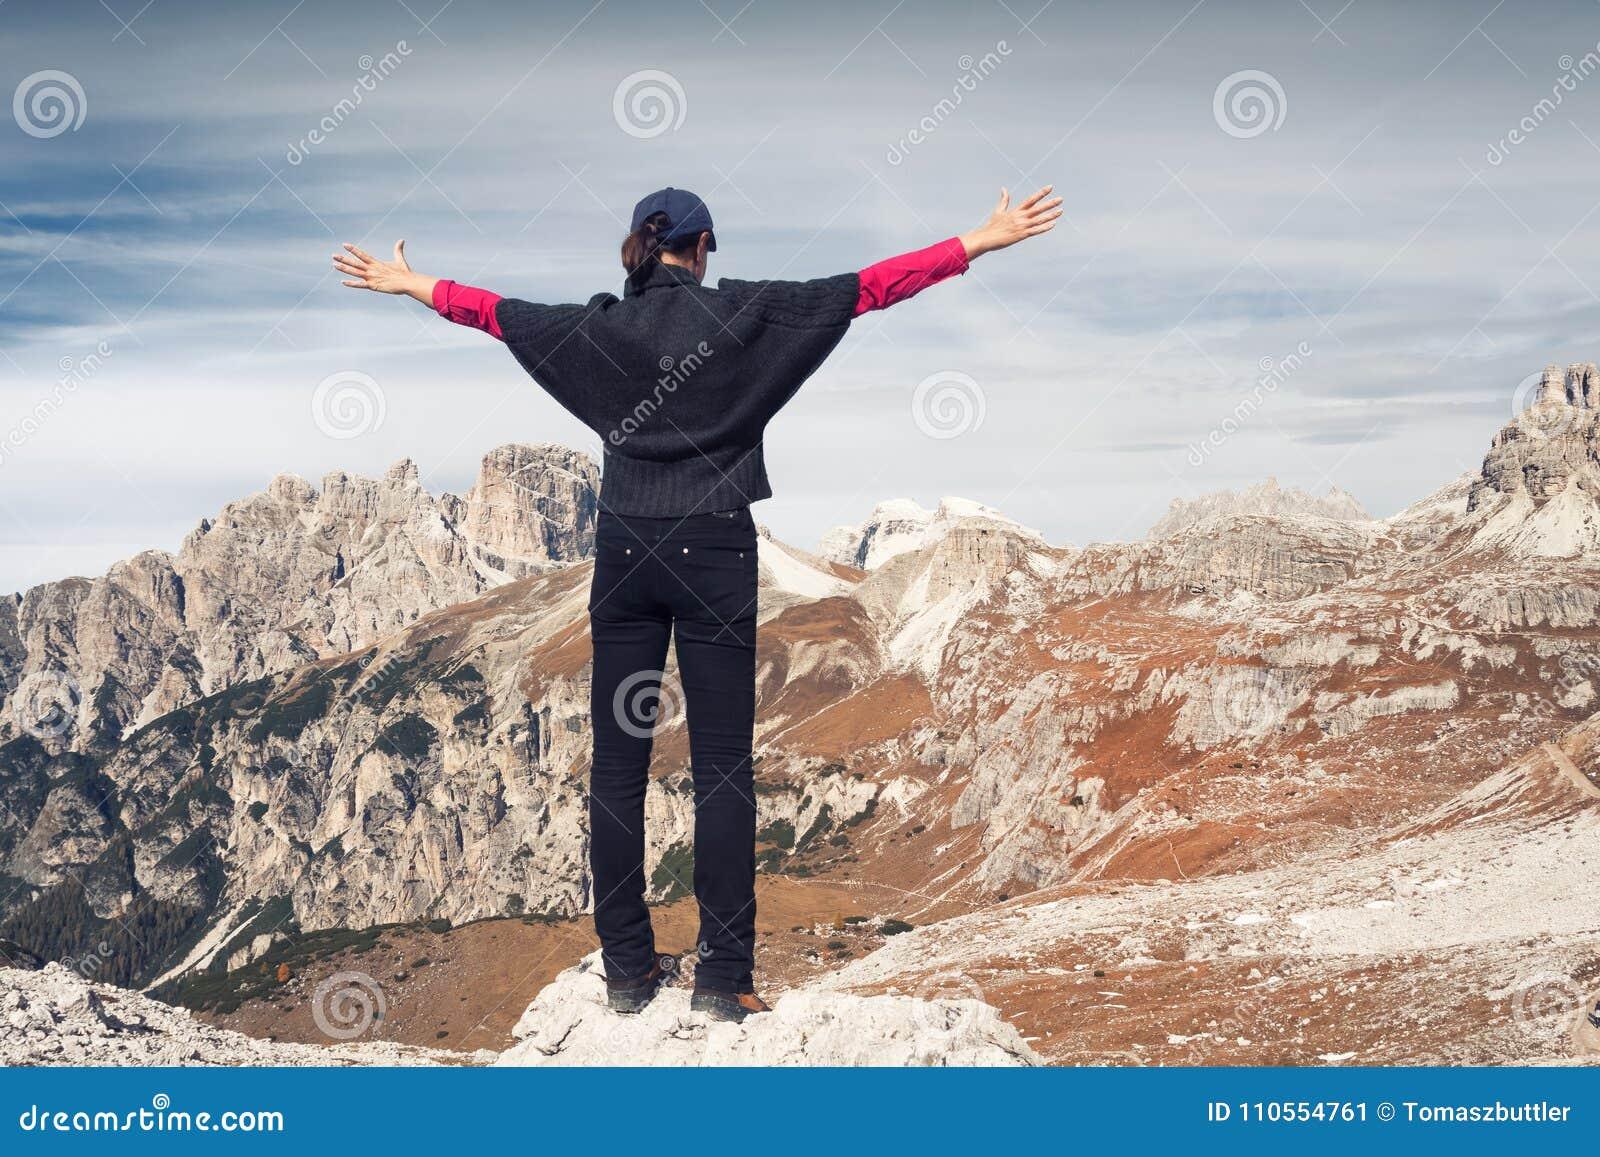 Ανώνυμος θηλυκός οδοιπόρος μπροστά από ένα όμορφο τοπίο βουνών αιχμές τρία δολομίτες Ιταλία